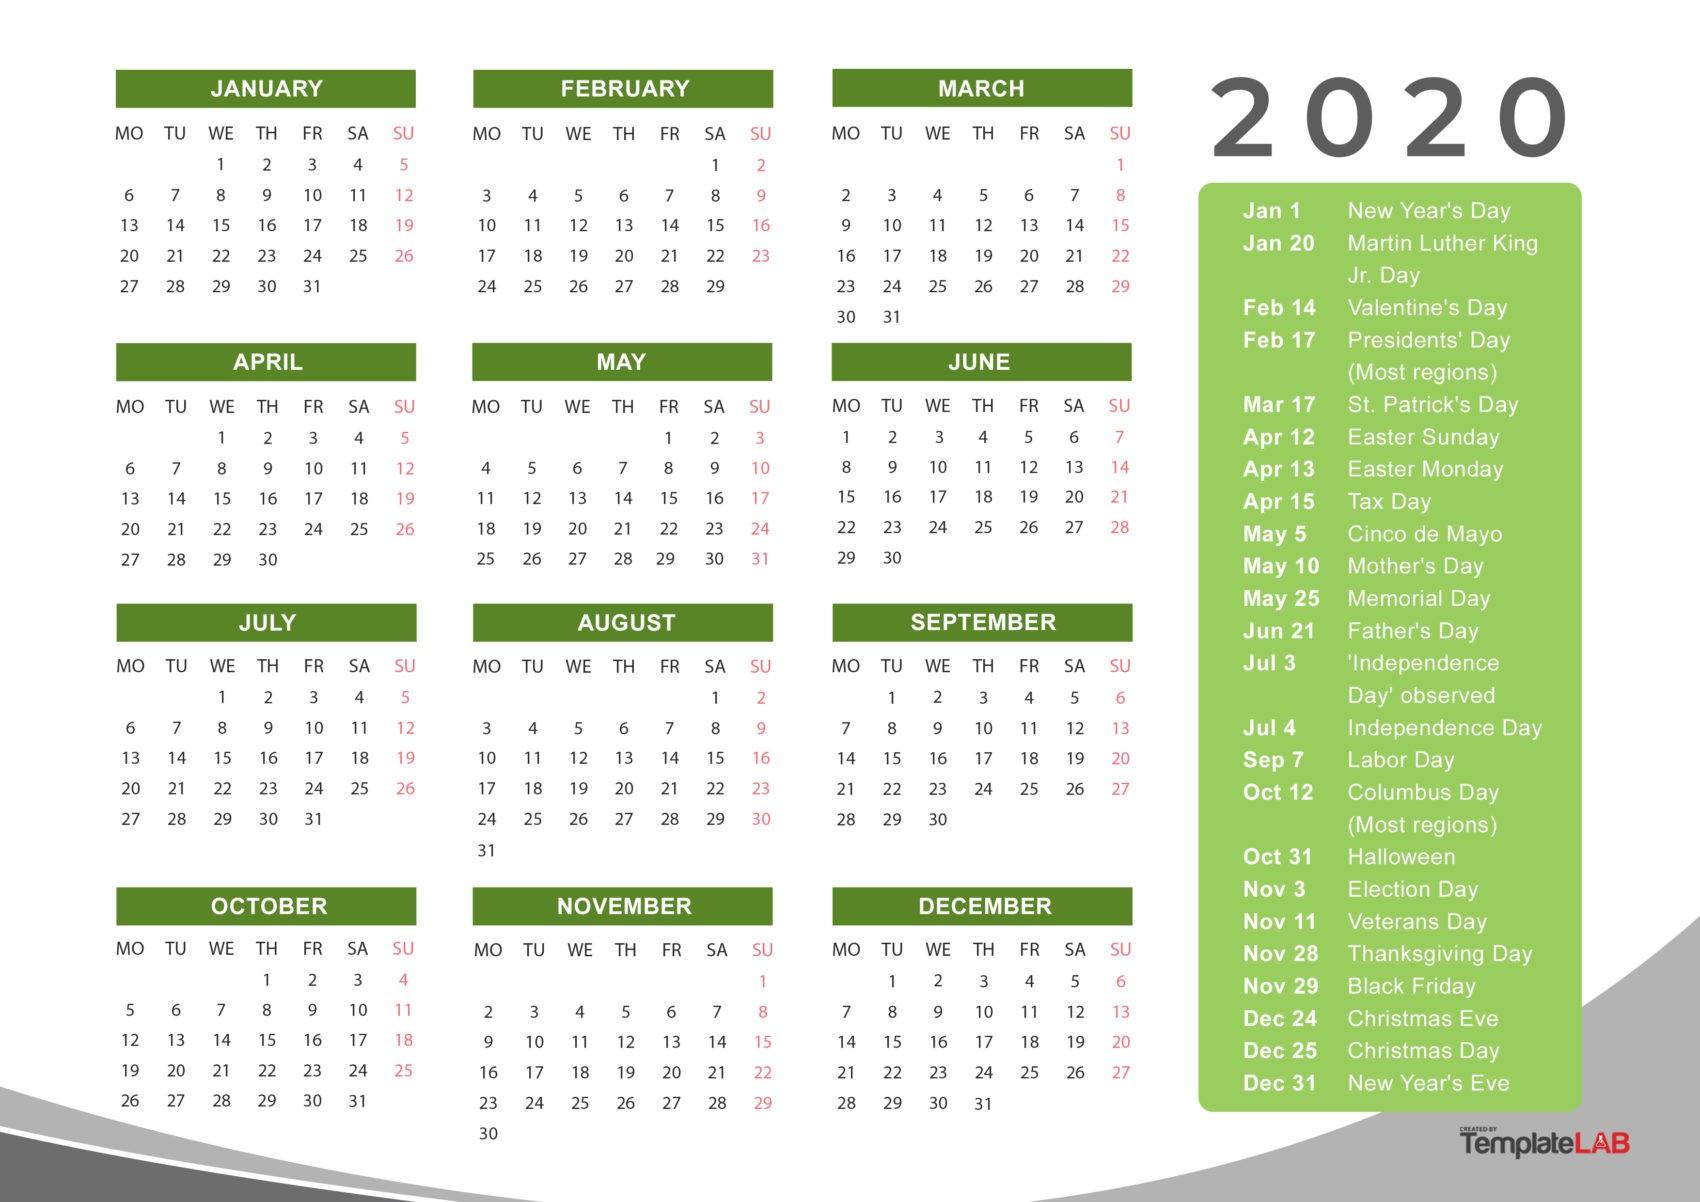 Free Holidays Calendar - 2020 - 2